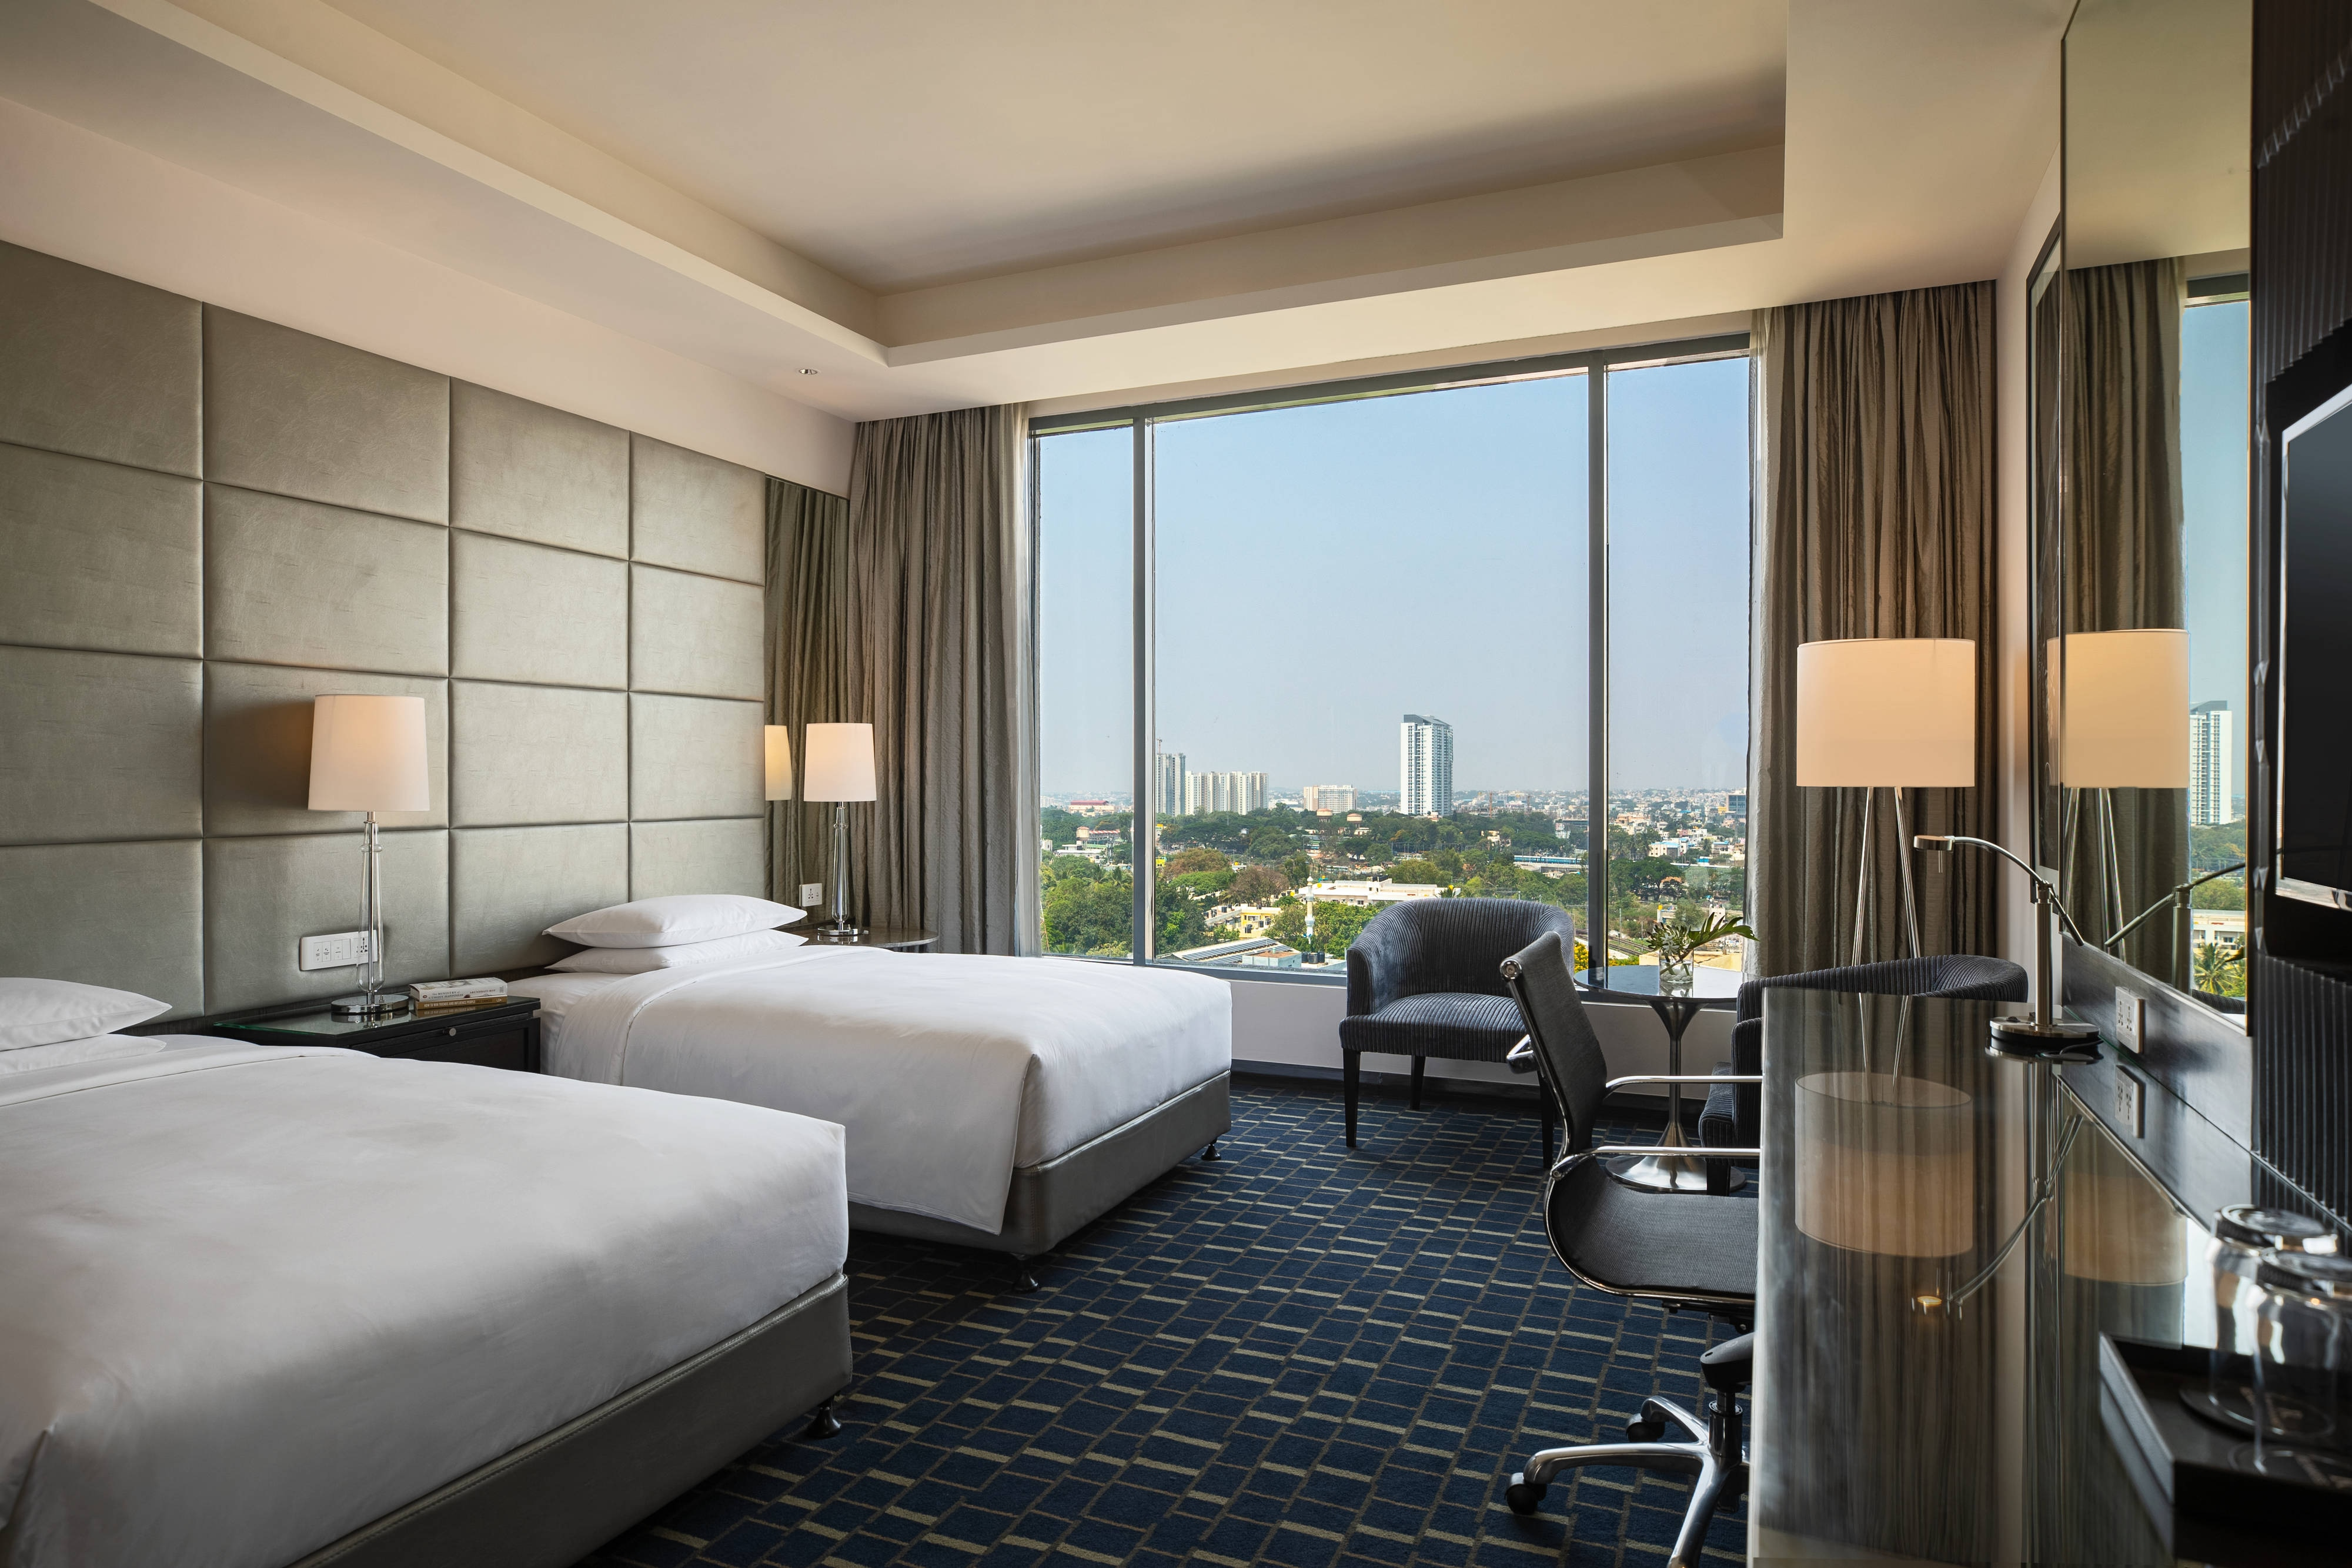 wedding night suites in bangalore